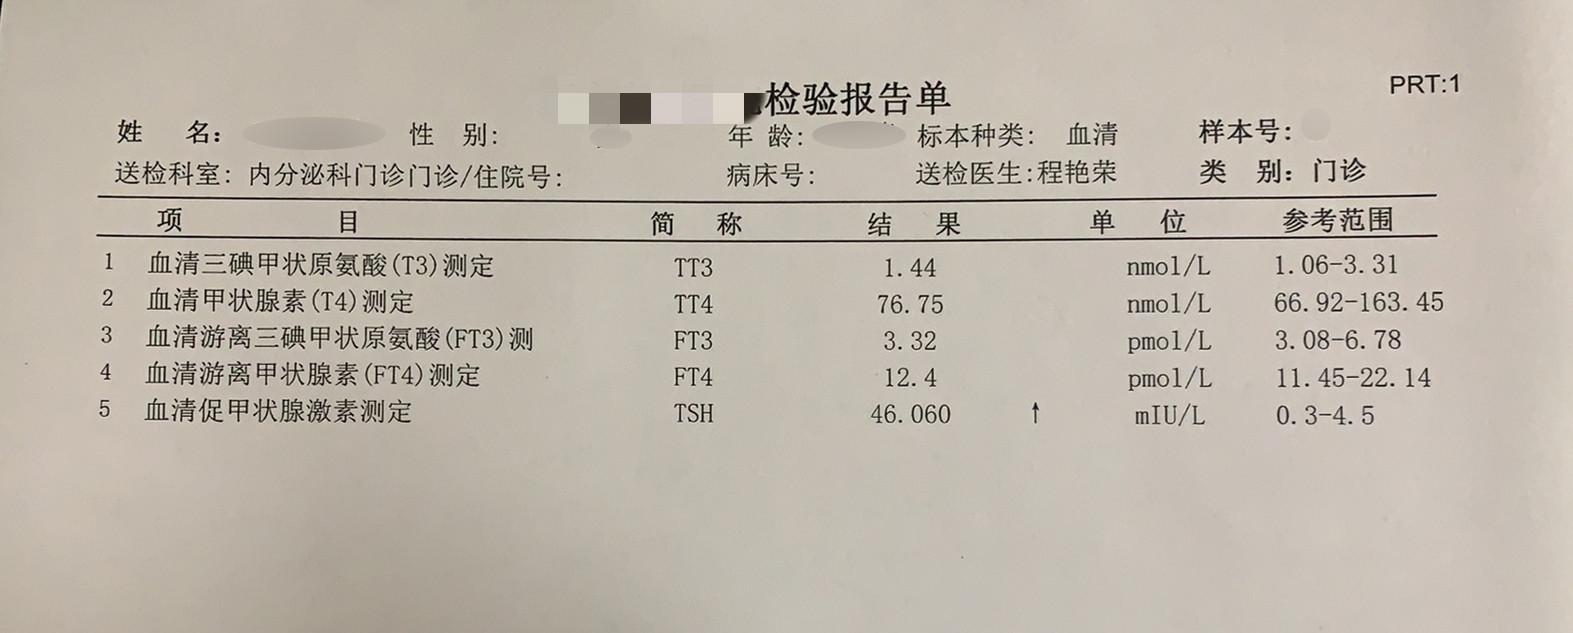 什么是高质量甲状腺功能检查化验单?